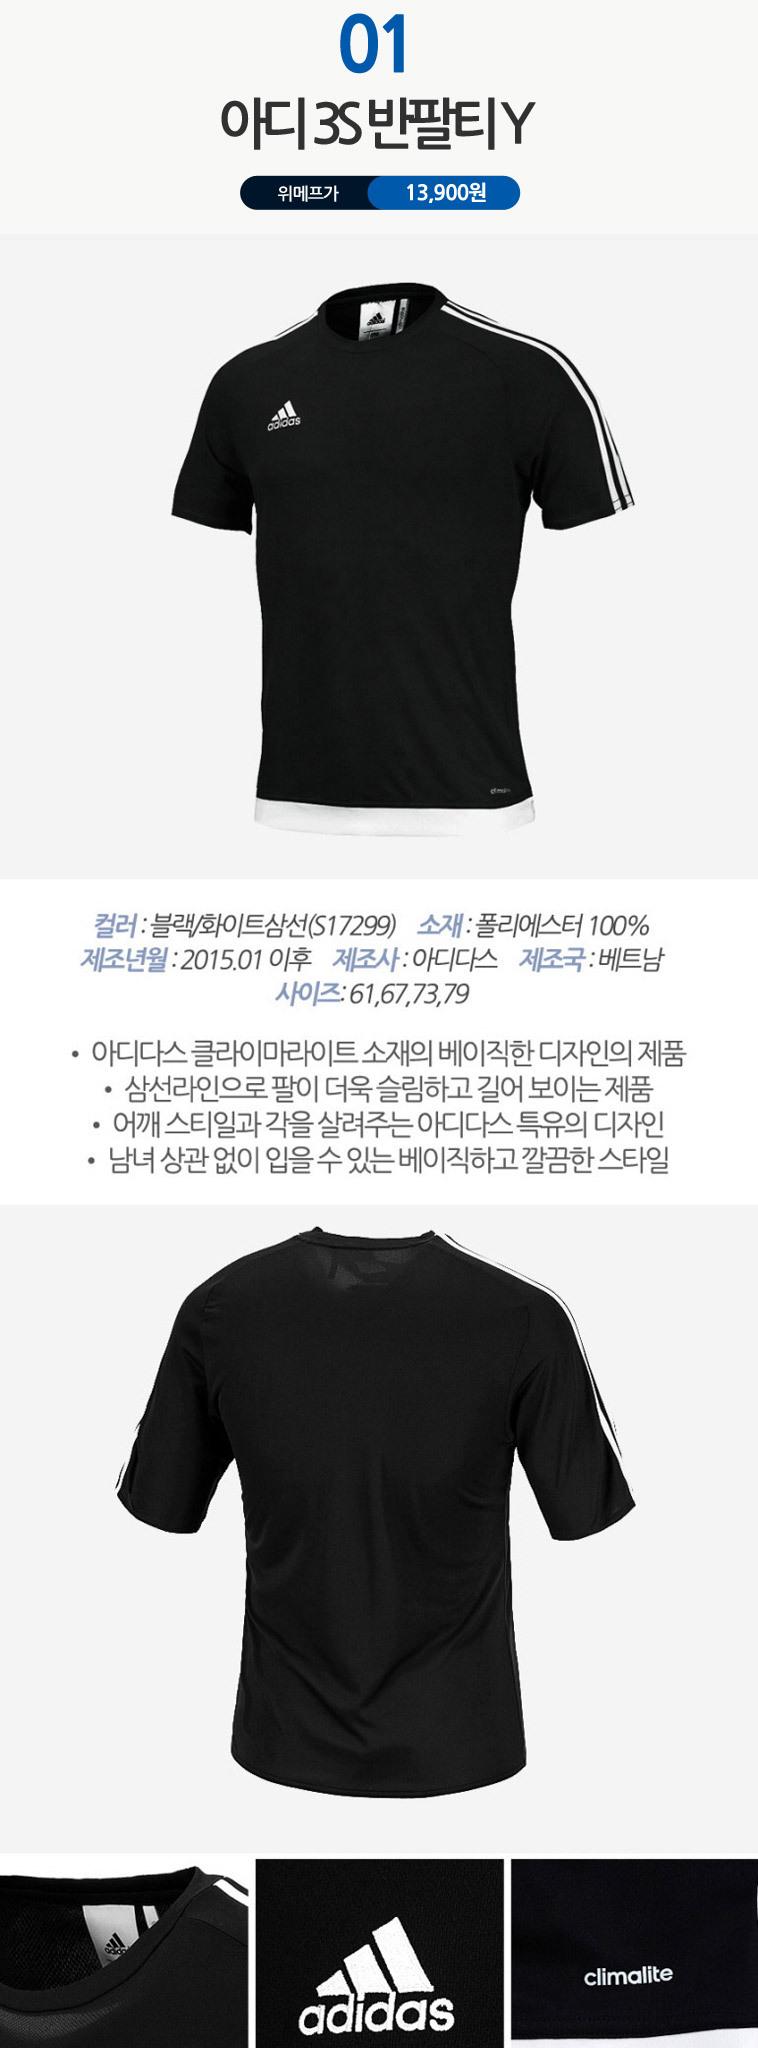 [마이컬러] 블랙 아디다스 ITEM - 상세정보